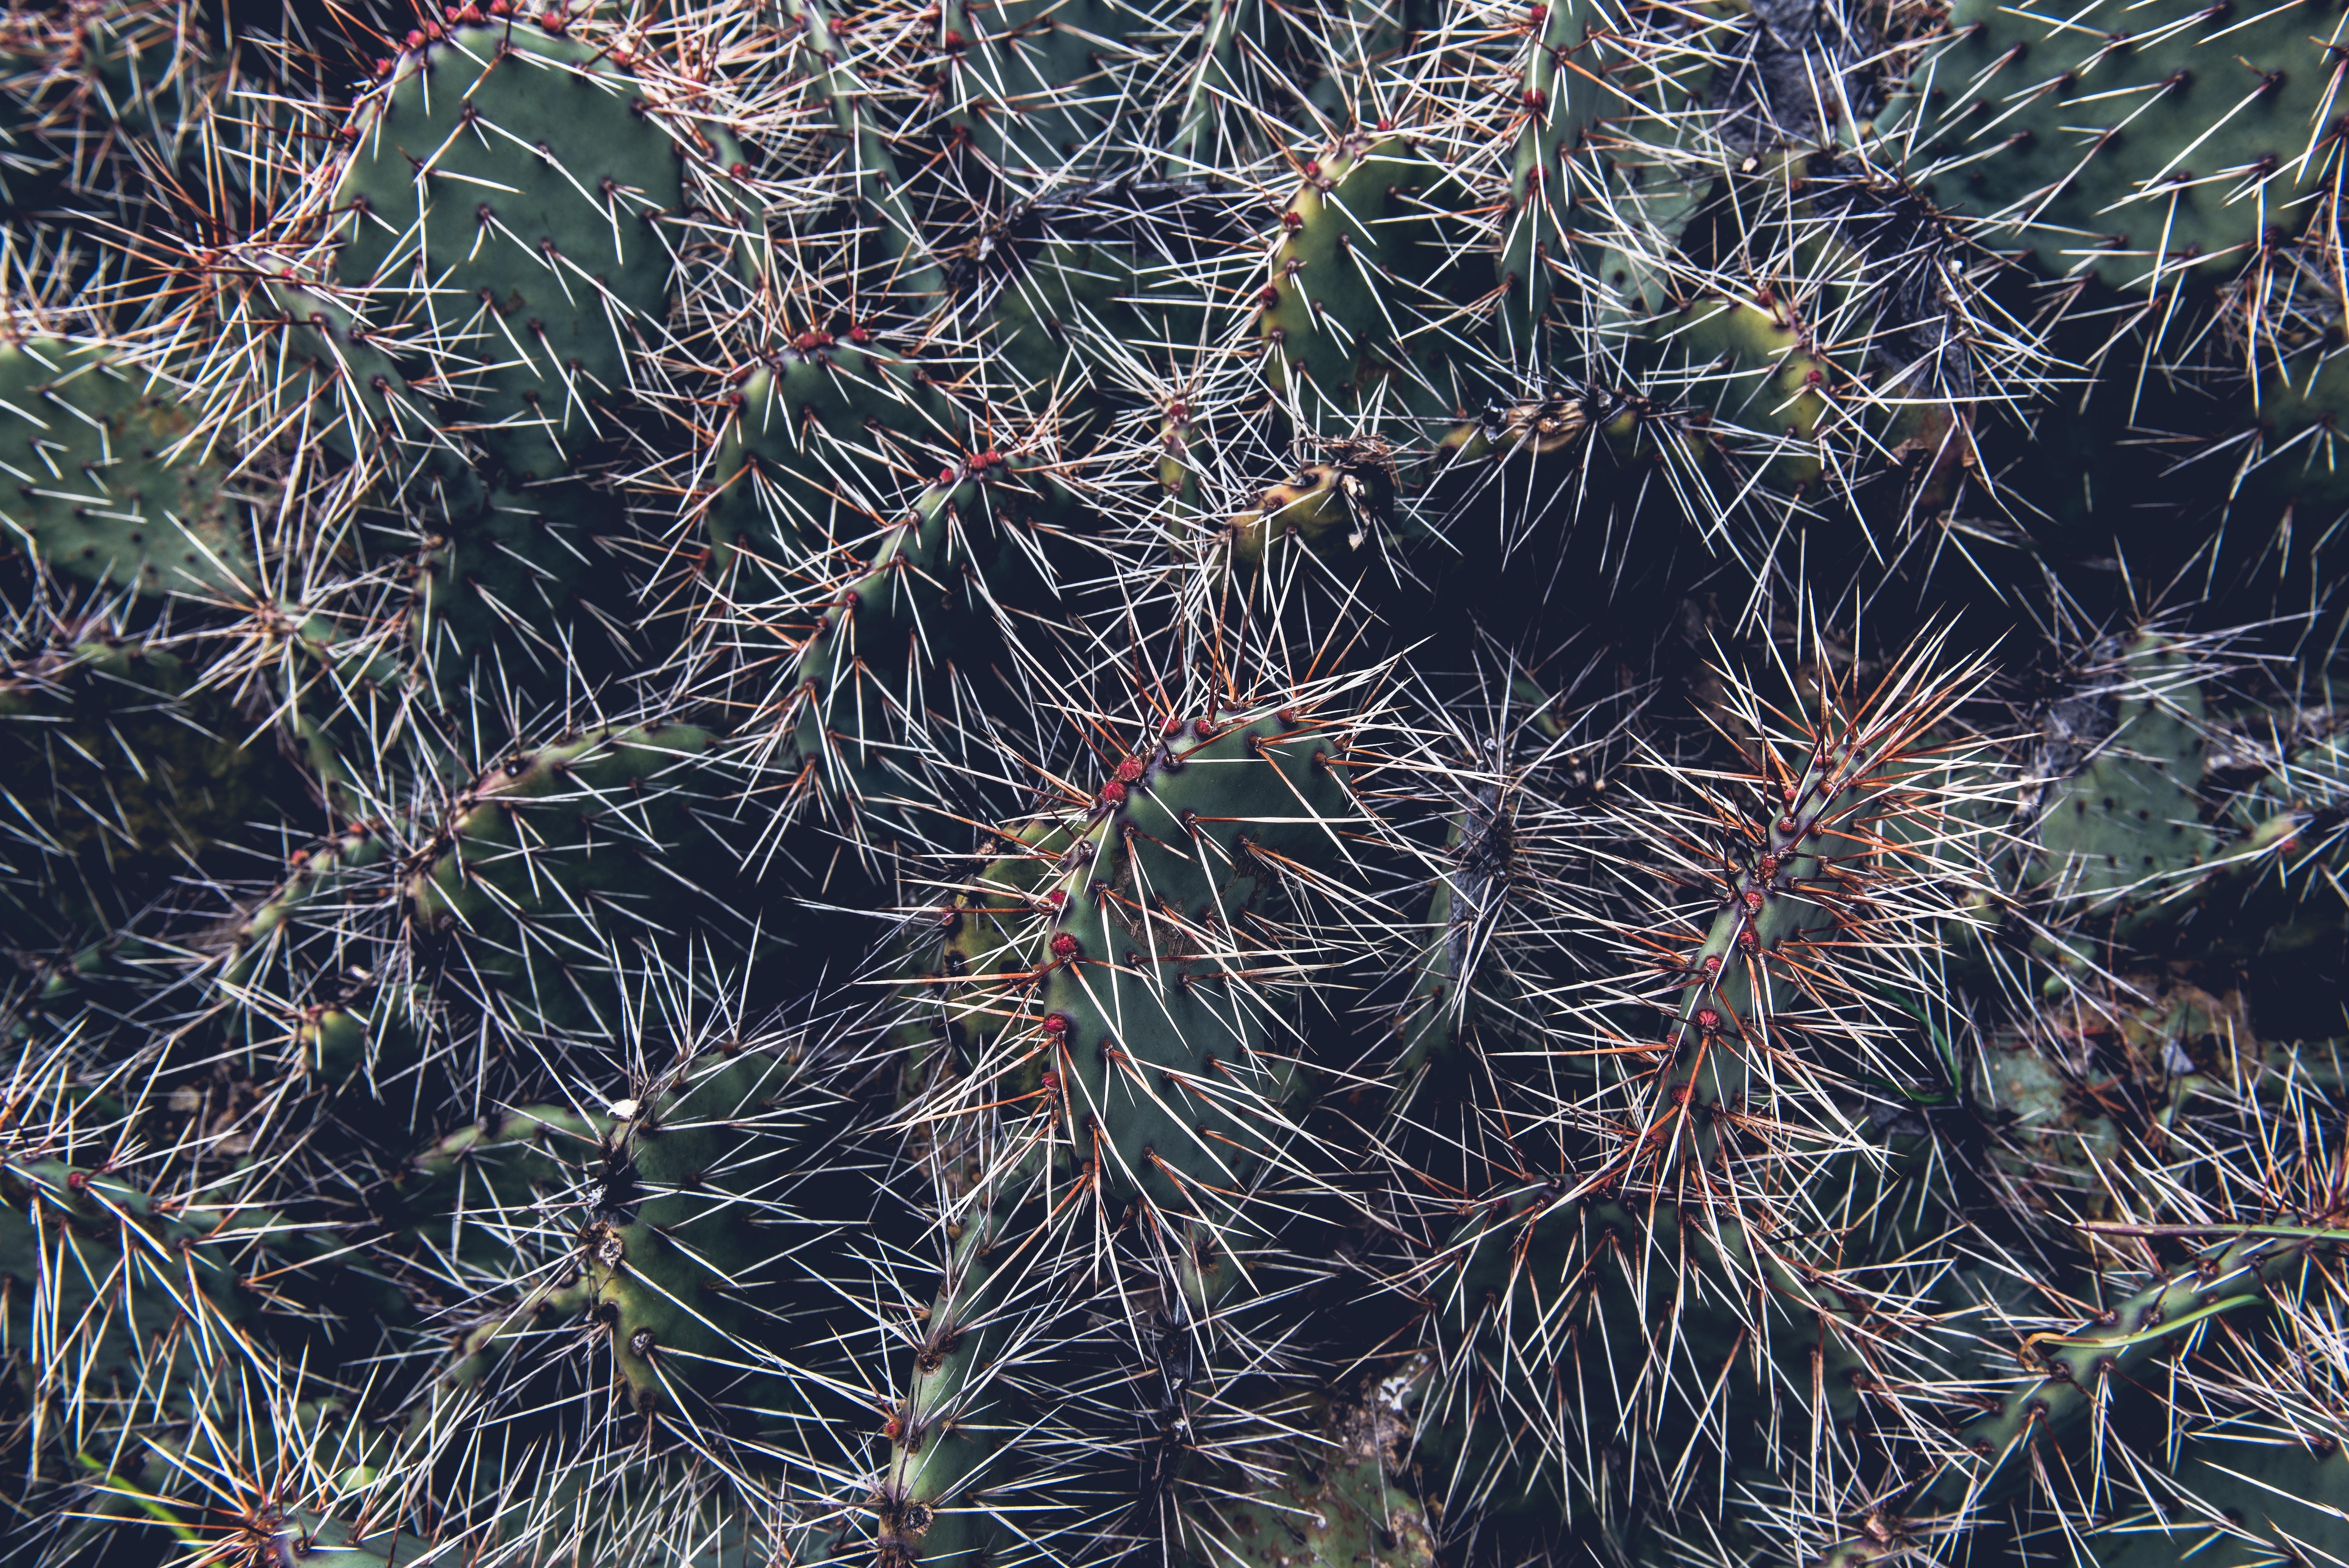 cactus during daytime